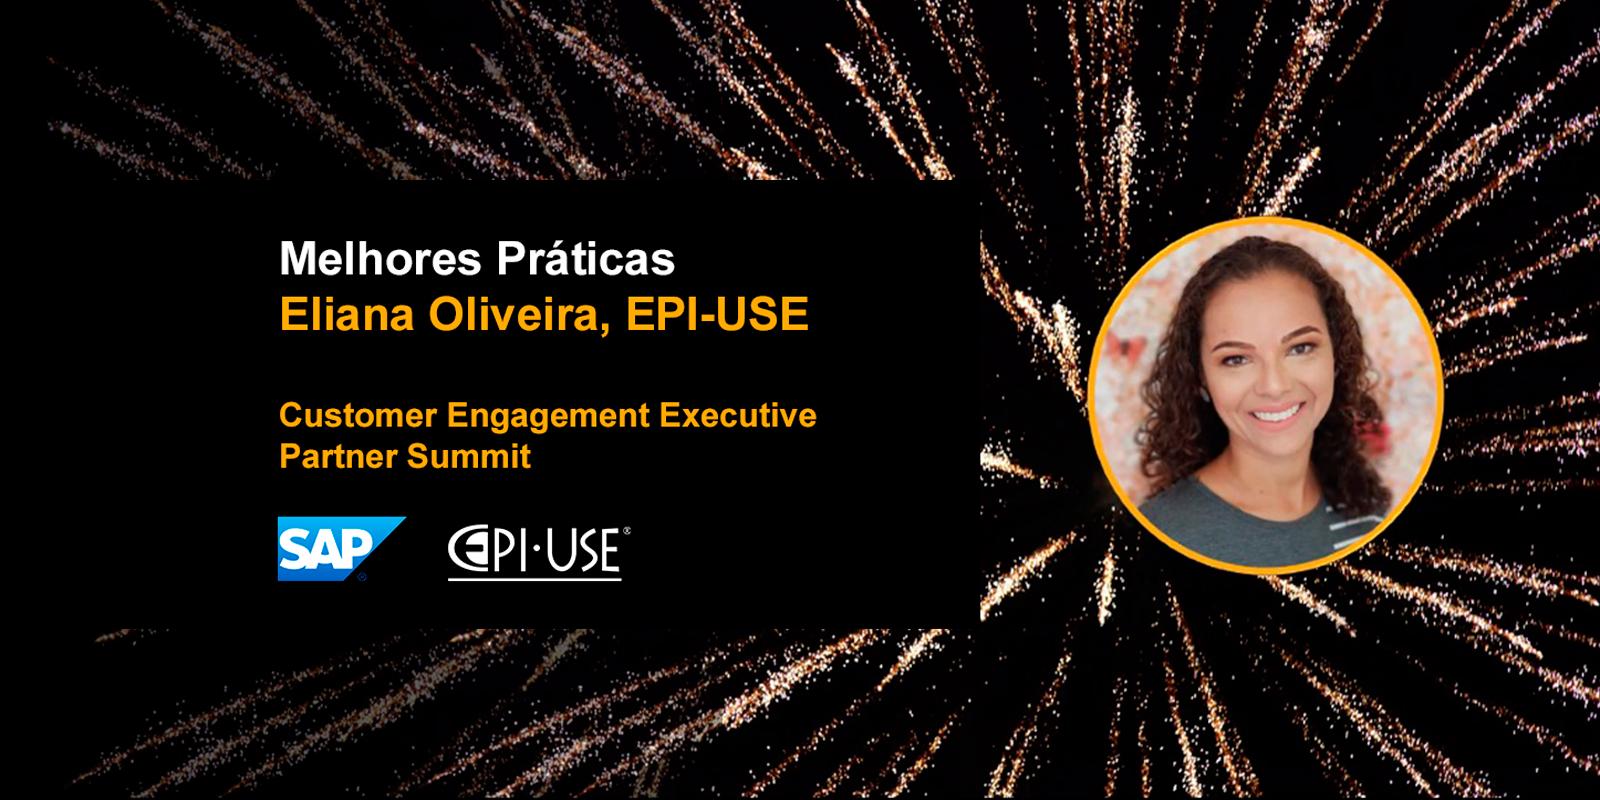 EPI-USE no SAP Customer Engagement Executive Partner Summit